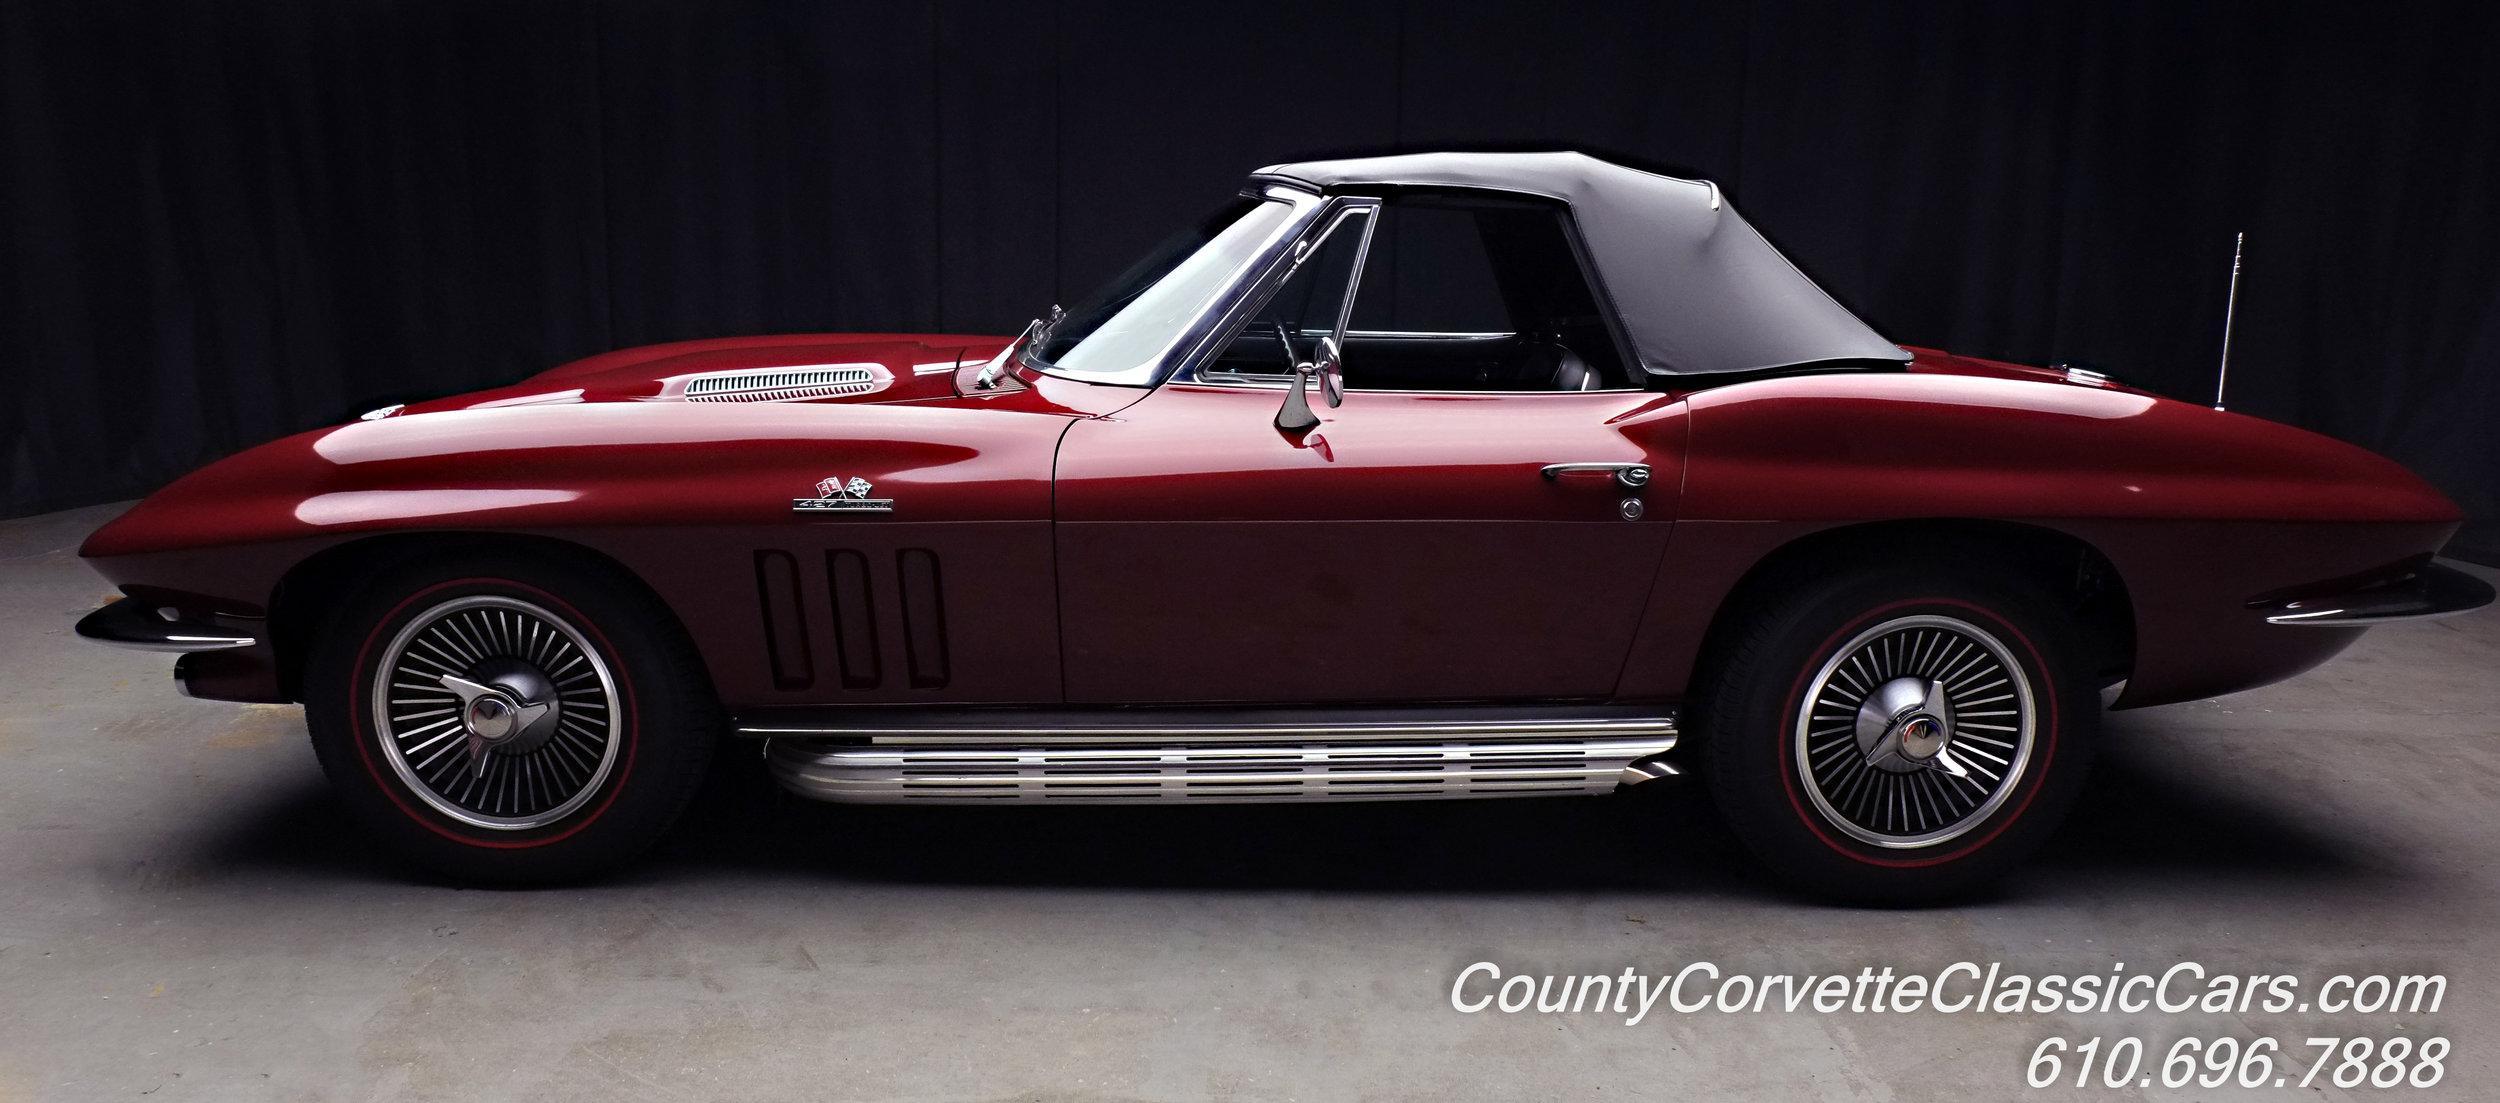 1966 Chevrolet Corvette Rally Red